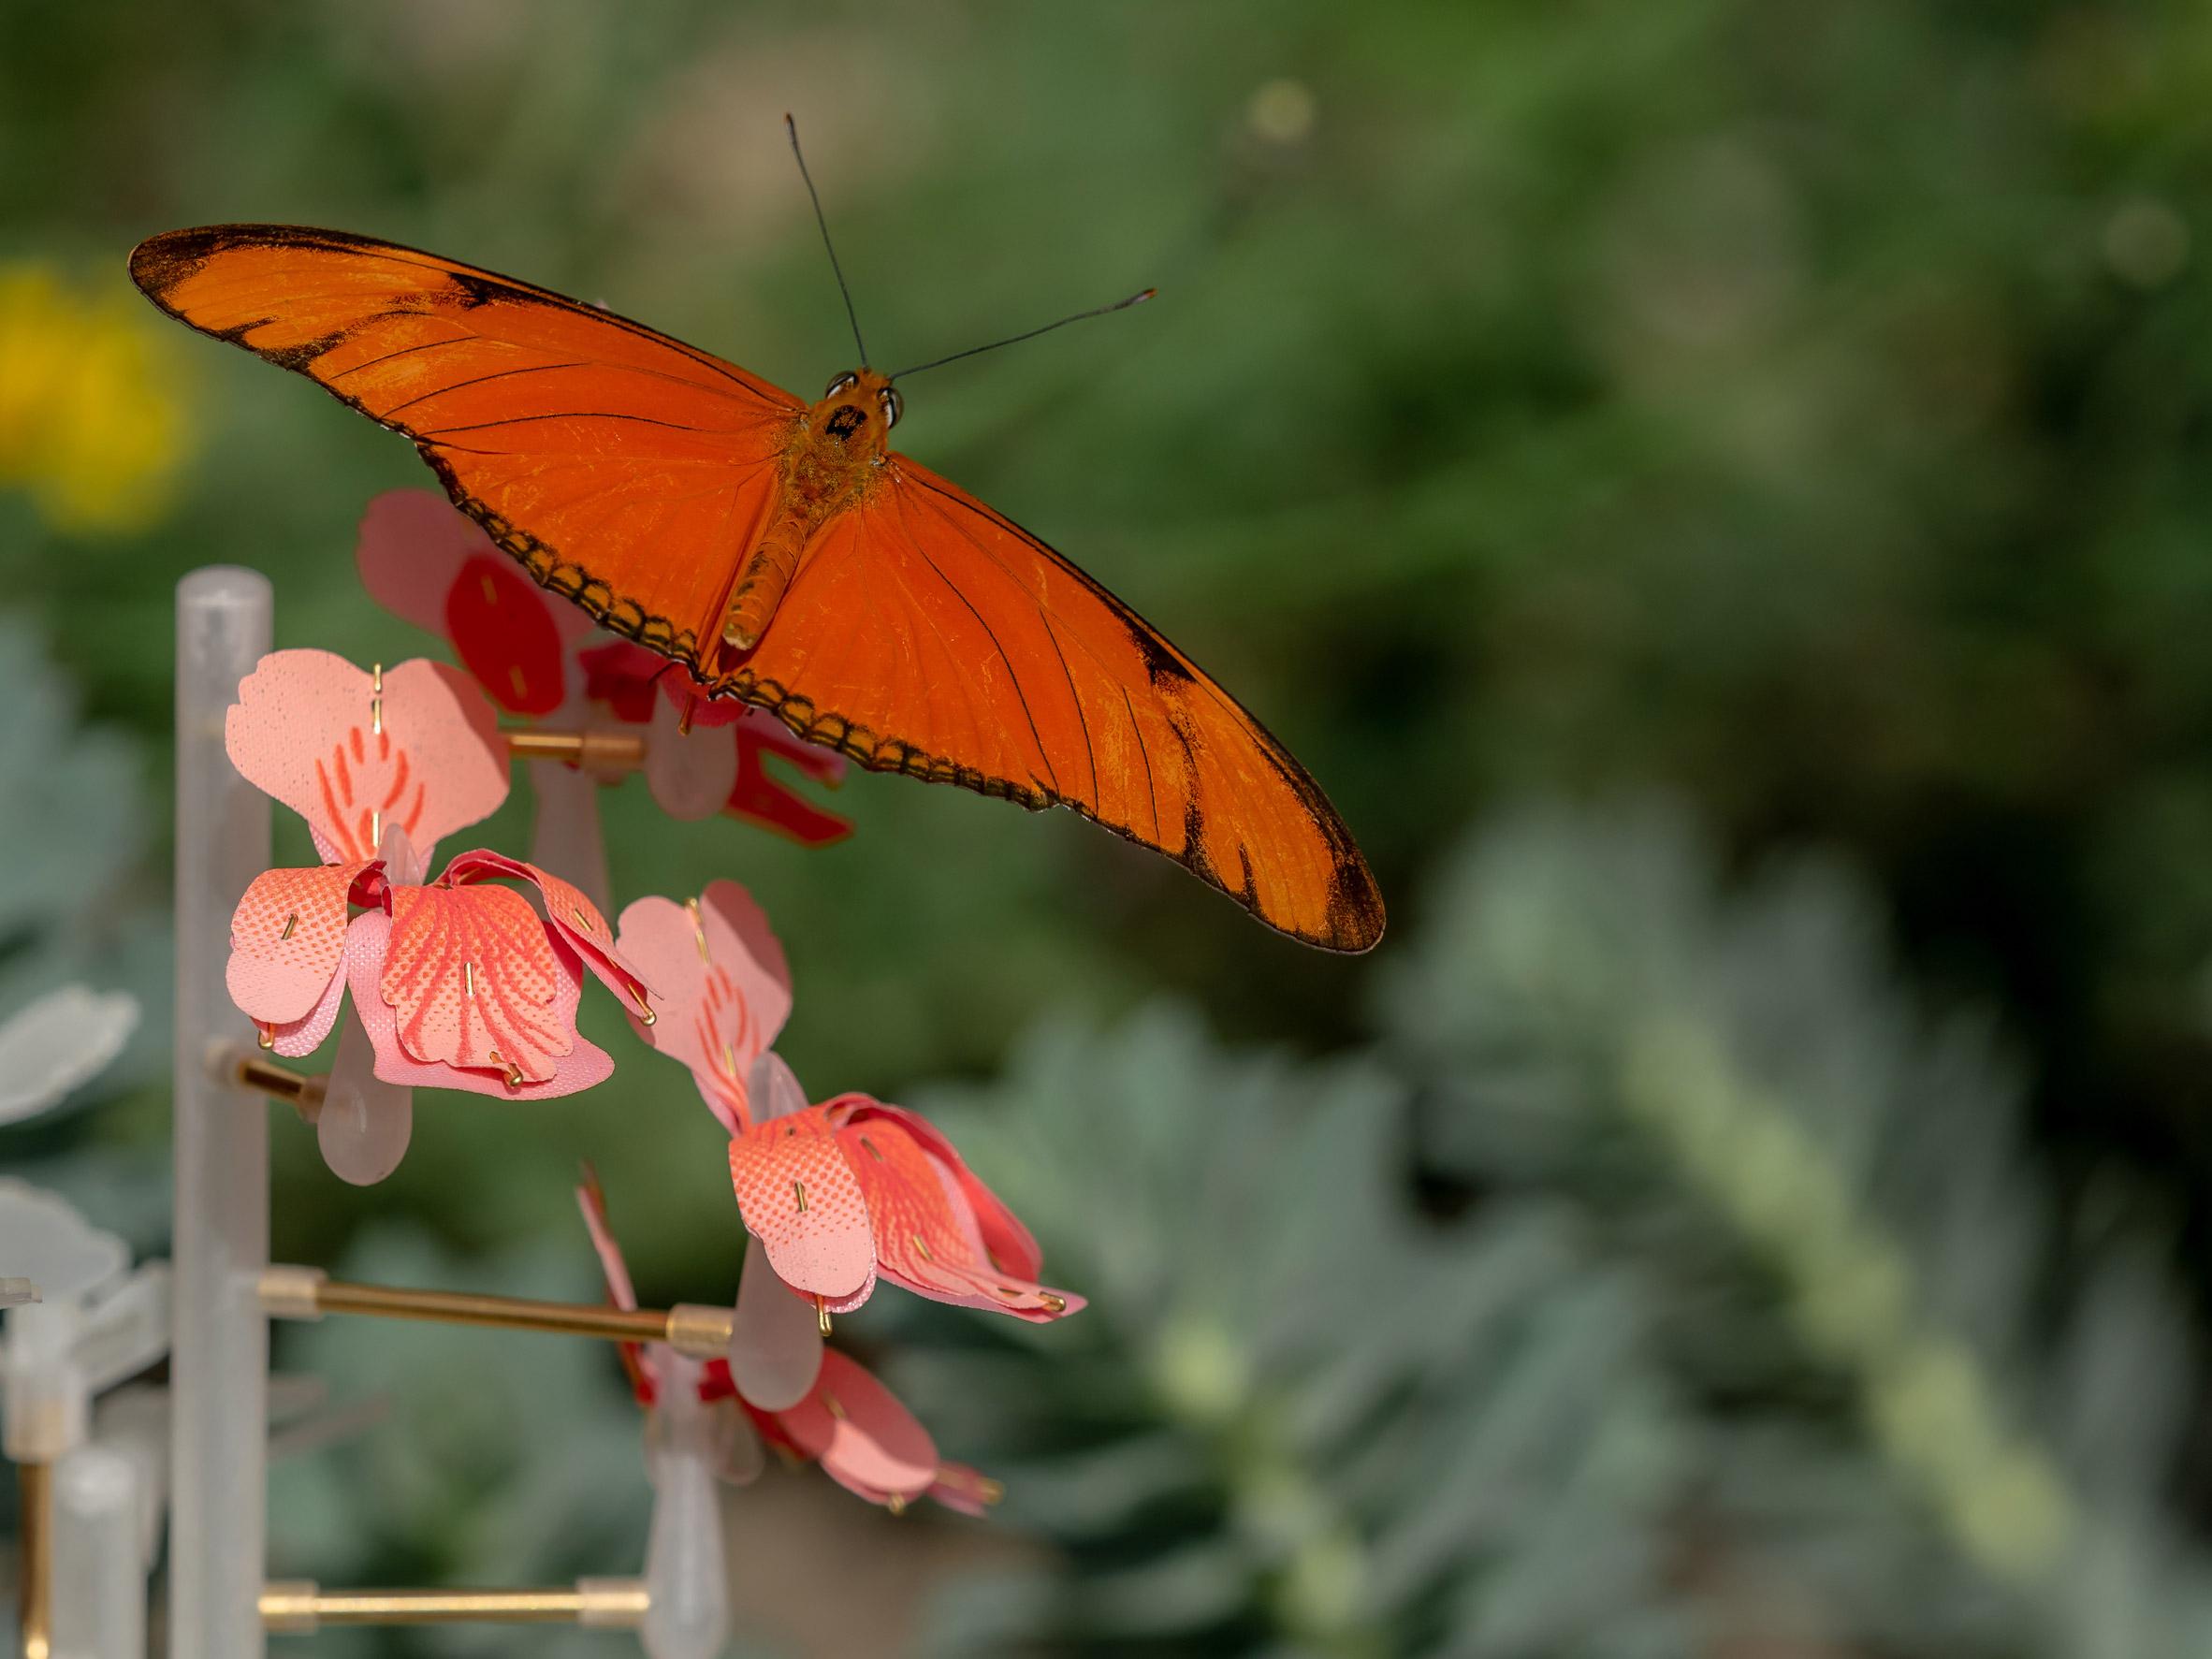 relationship between flowers and pollinators serve